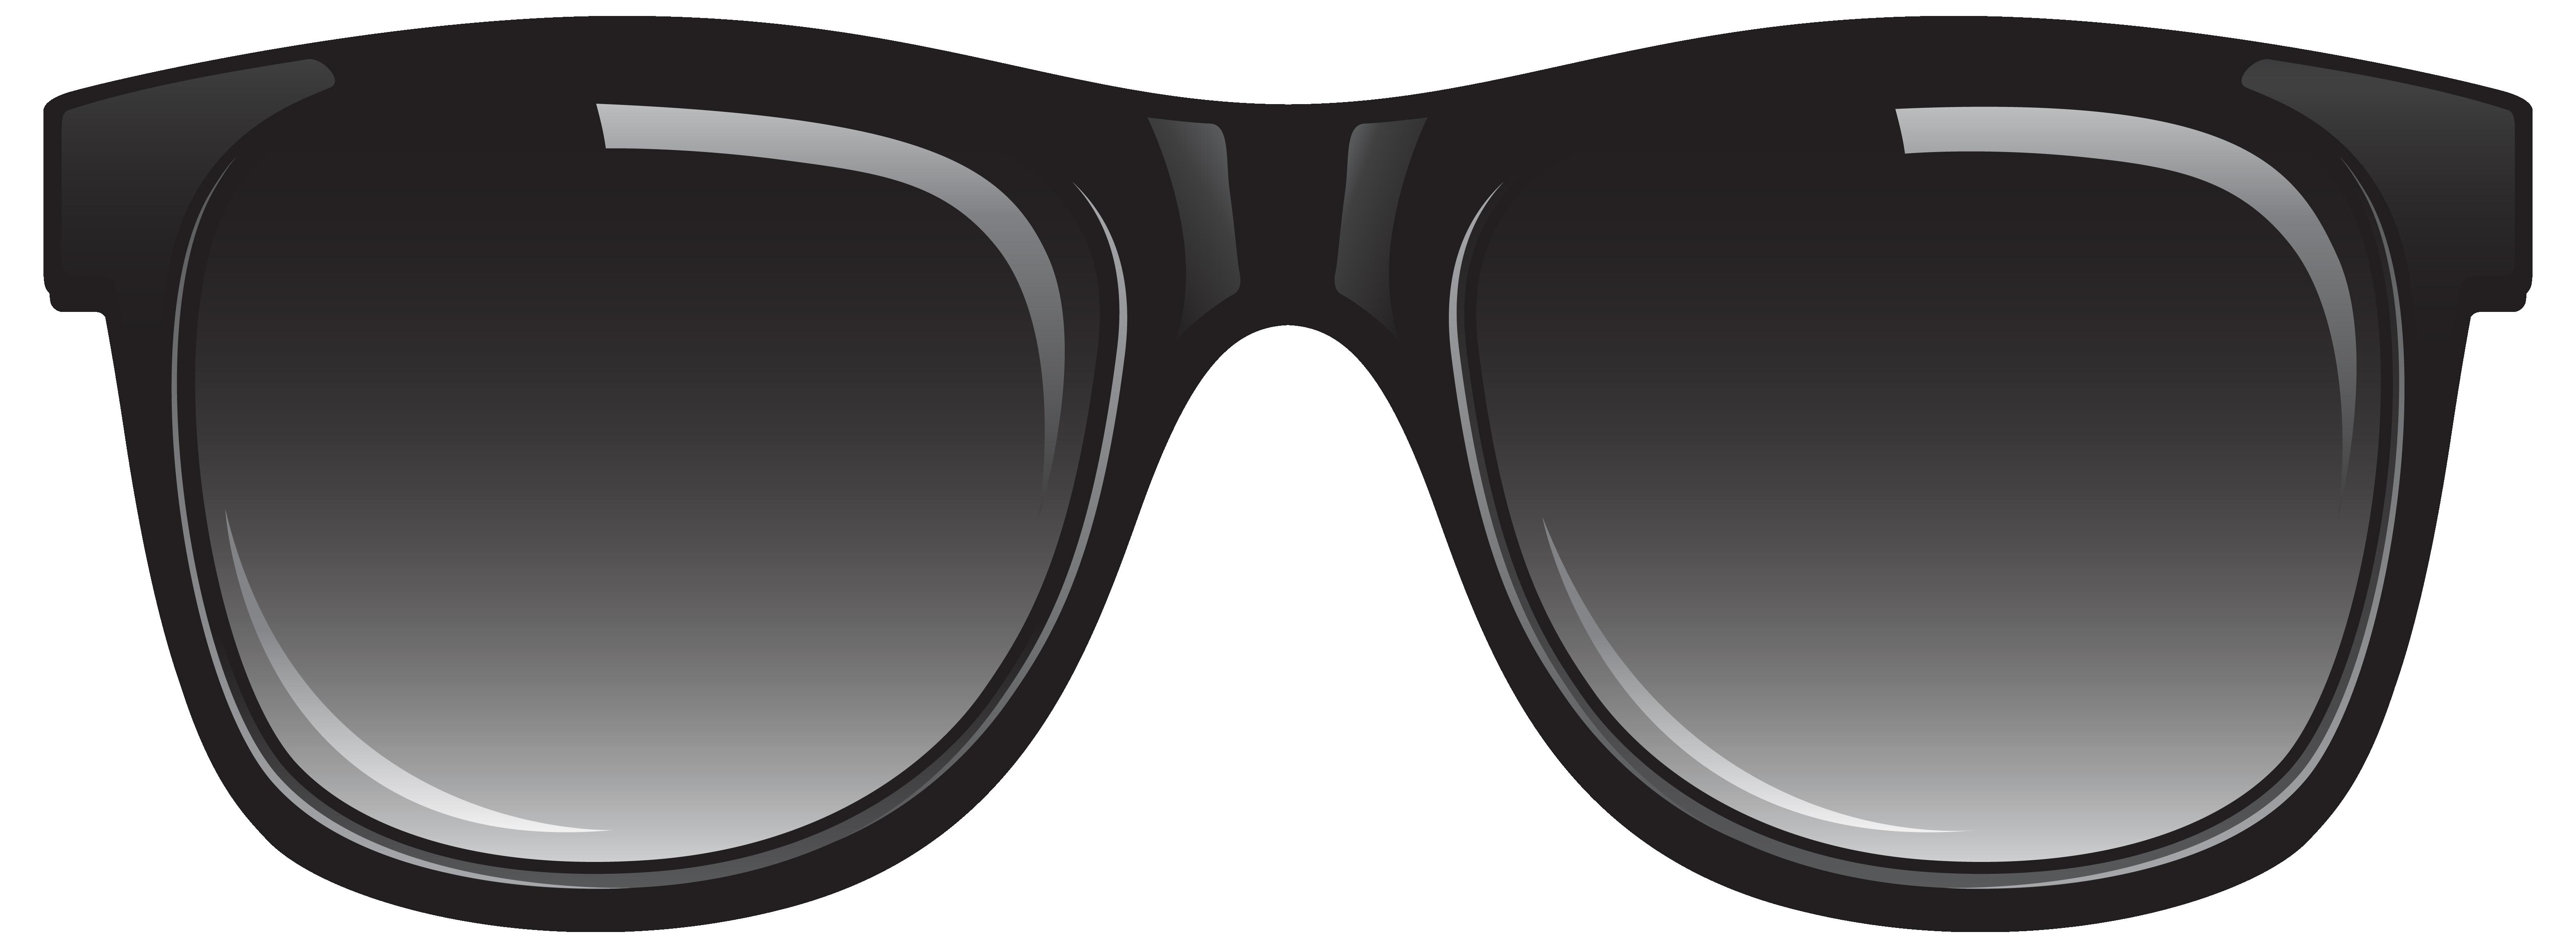 Sunglasses Clipart Free Clip Art 2 Clipa-Sunglasses clipart free clip art 2 clipartwiz 3-11